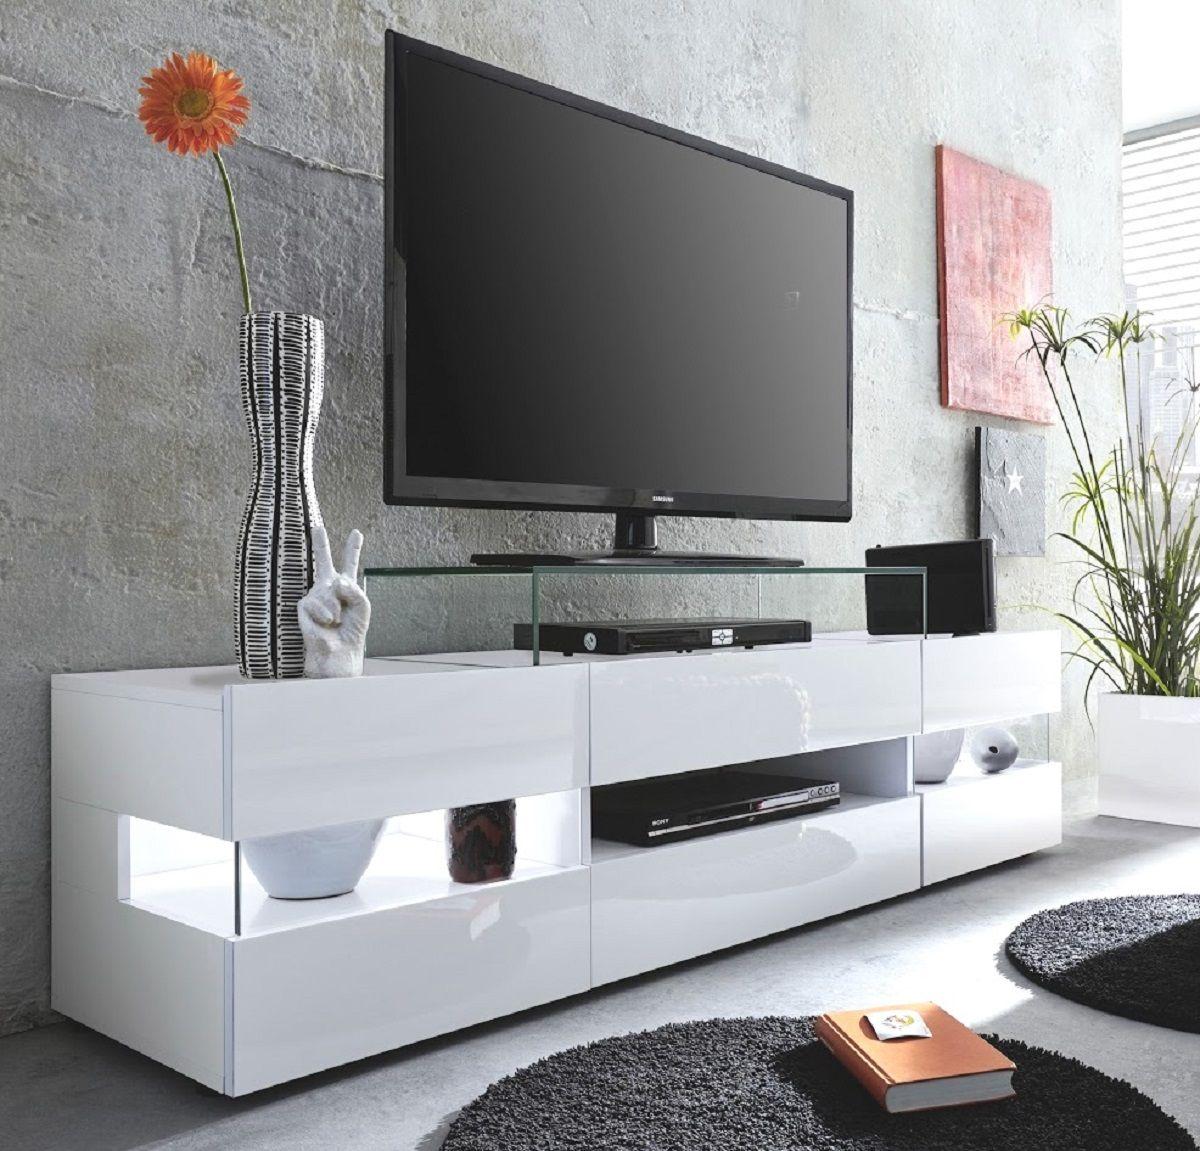 TV Hifi Lowboard Sonic weiss Glanz TV-Tisch in 170 x 43 cm (70) TV-Tisch mit Panoramaglas